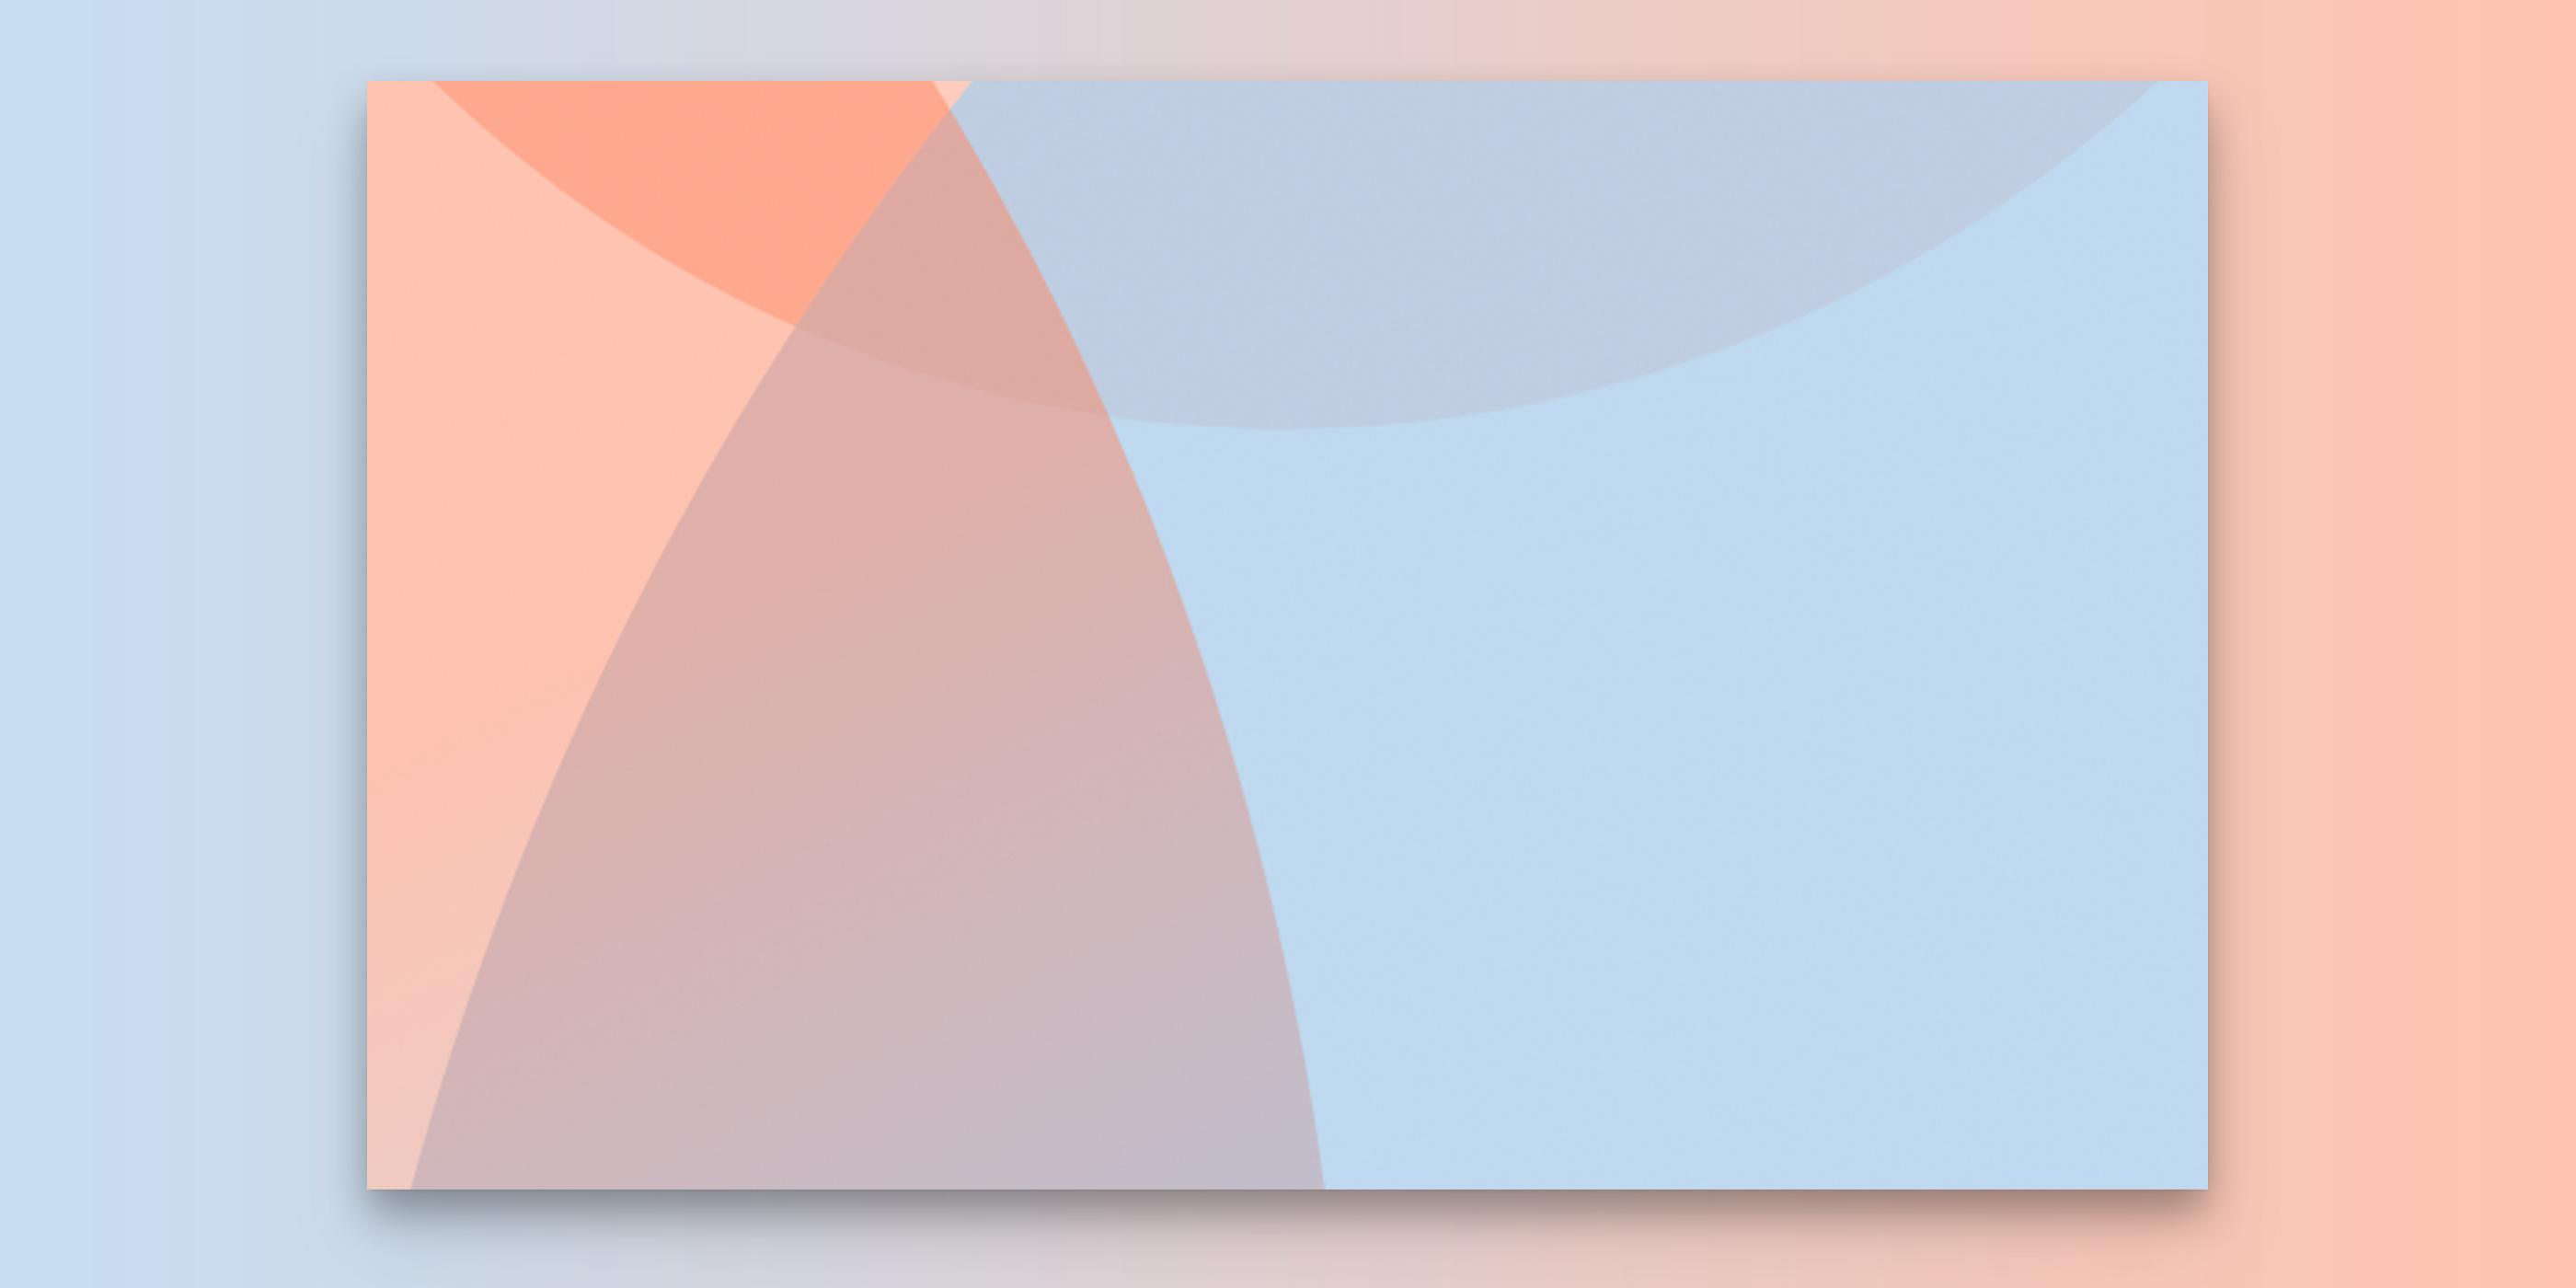 Ein Ausschnitt des Erscheinungsbildes in den Farben hellblau und rosa